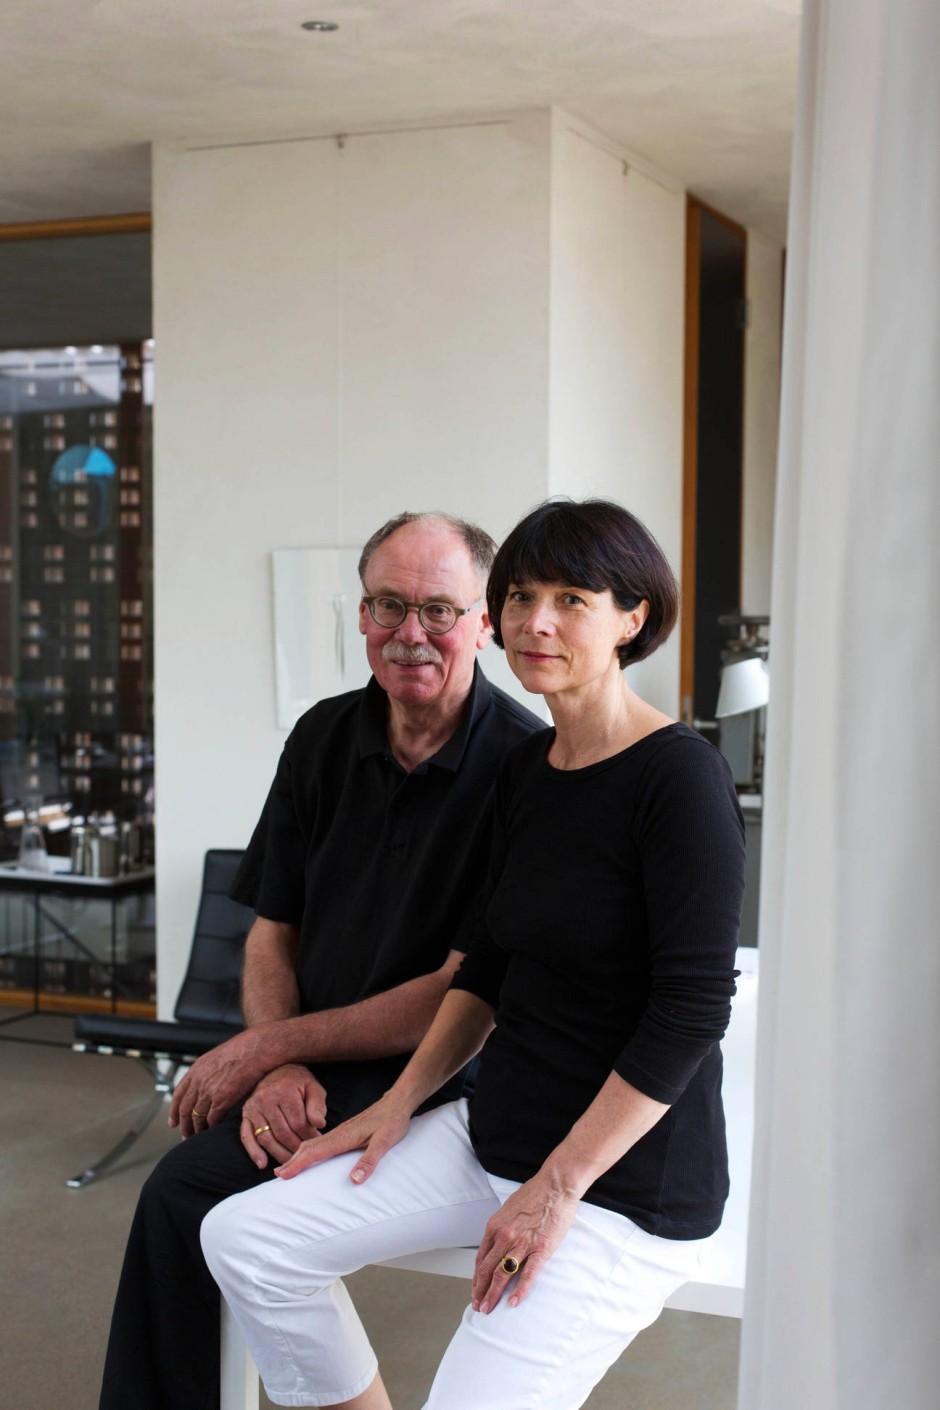 bildergalerie bildergalerie haus wasserkunst ein haus das sich flexibel zeigt bild 6 von 9. Black Bedroom Furniture Sets. Home Design Ideas